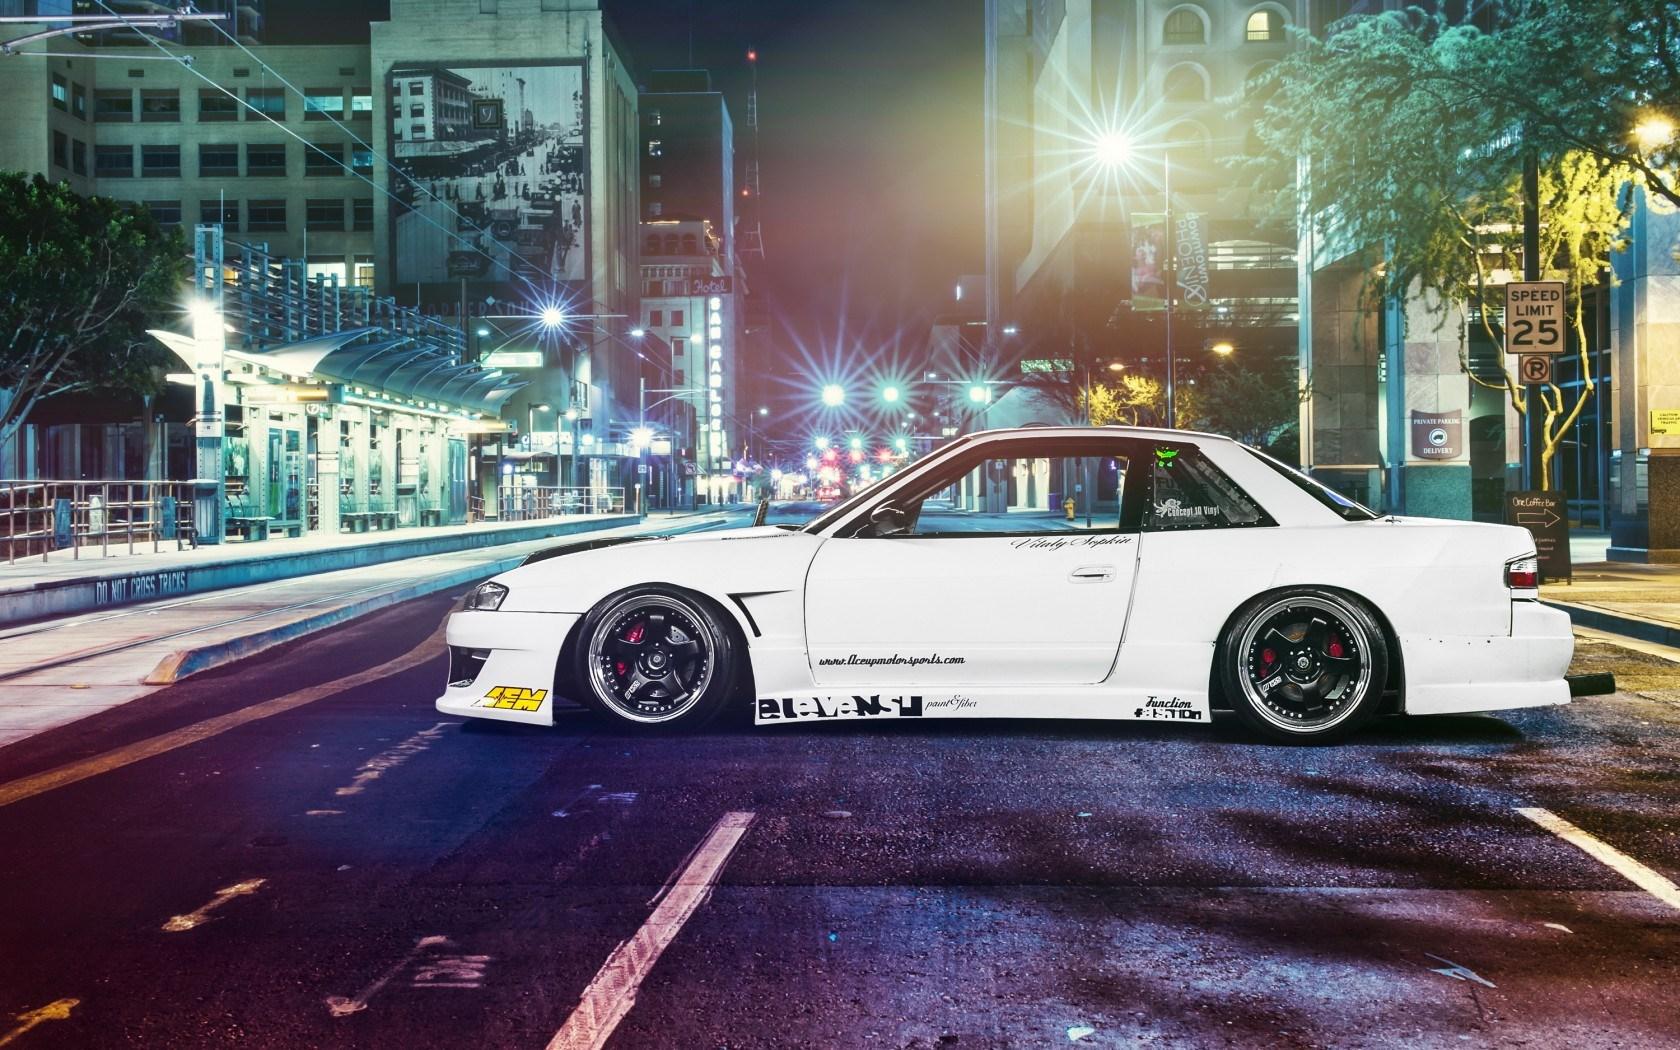 Nissan Silvia Wallpaper 1920x1080 76015